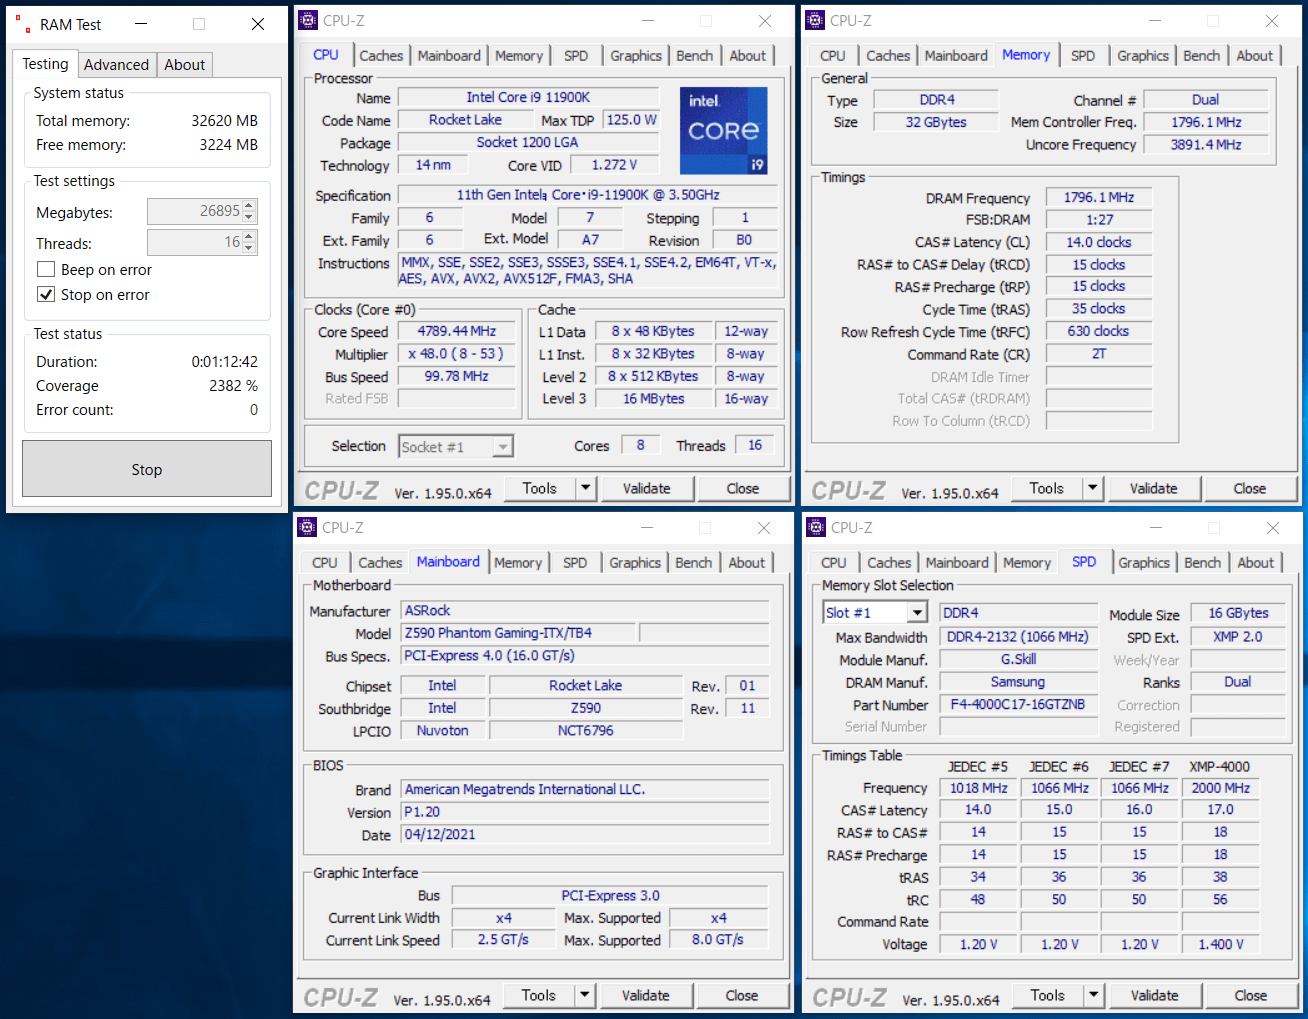 ASRock Z590 Phantom Gaming-ITXTB4_11900K_memtest_3600_c14_g1